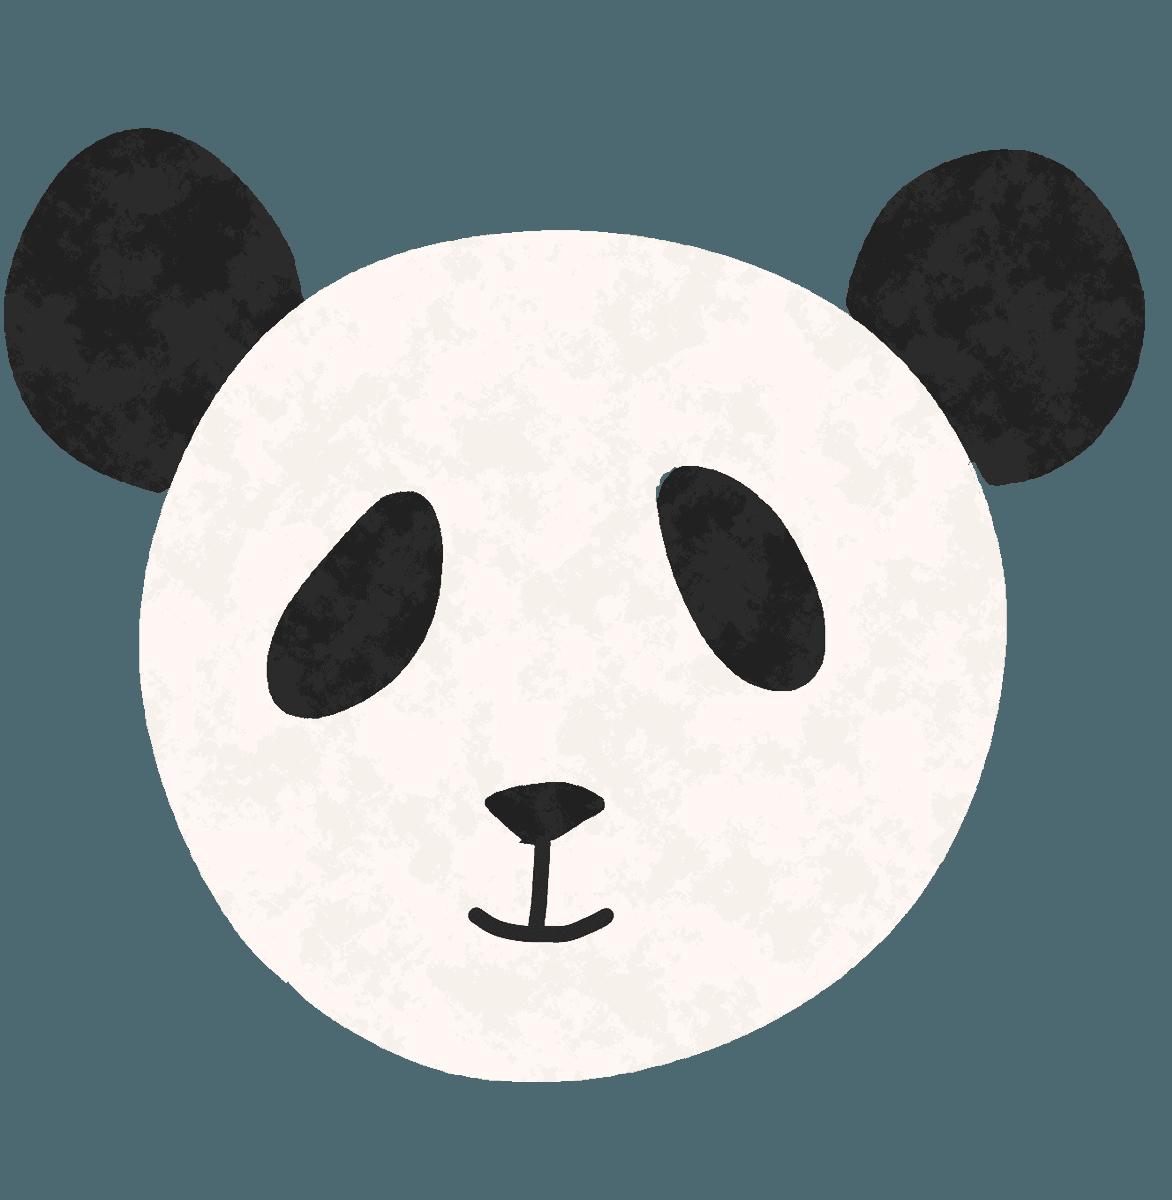 可愛いパンダの顔イラスト